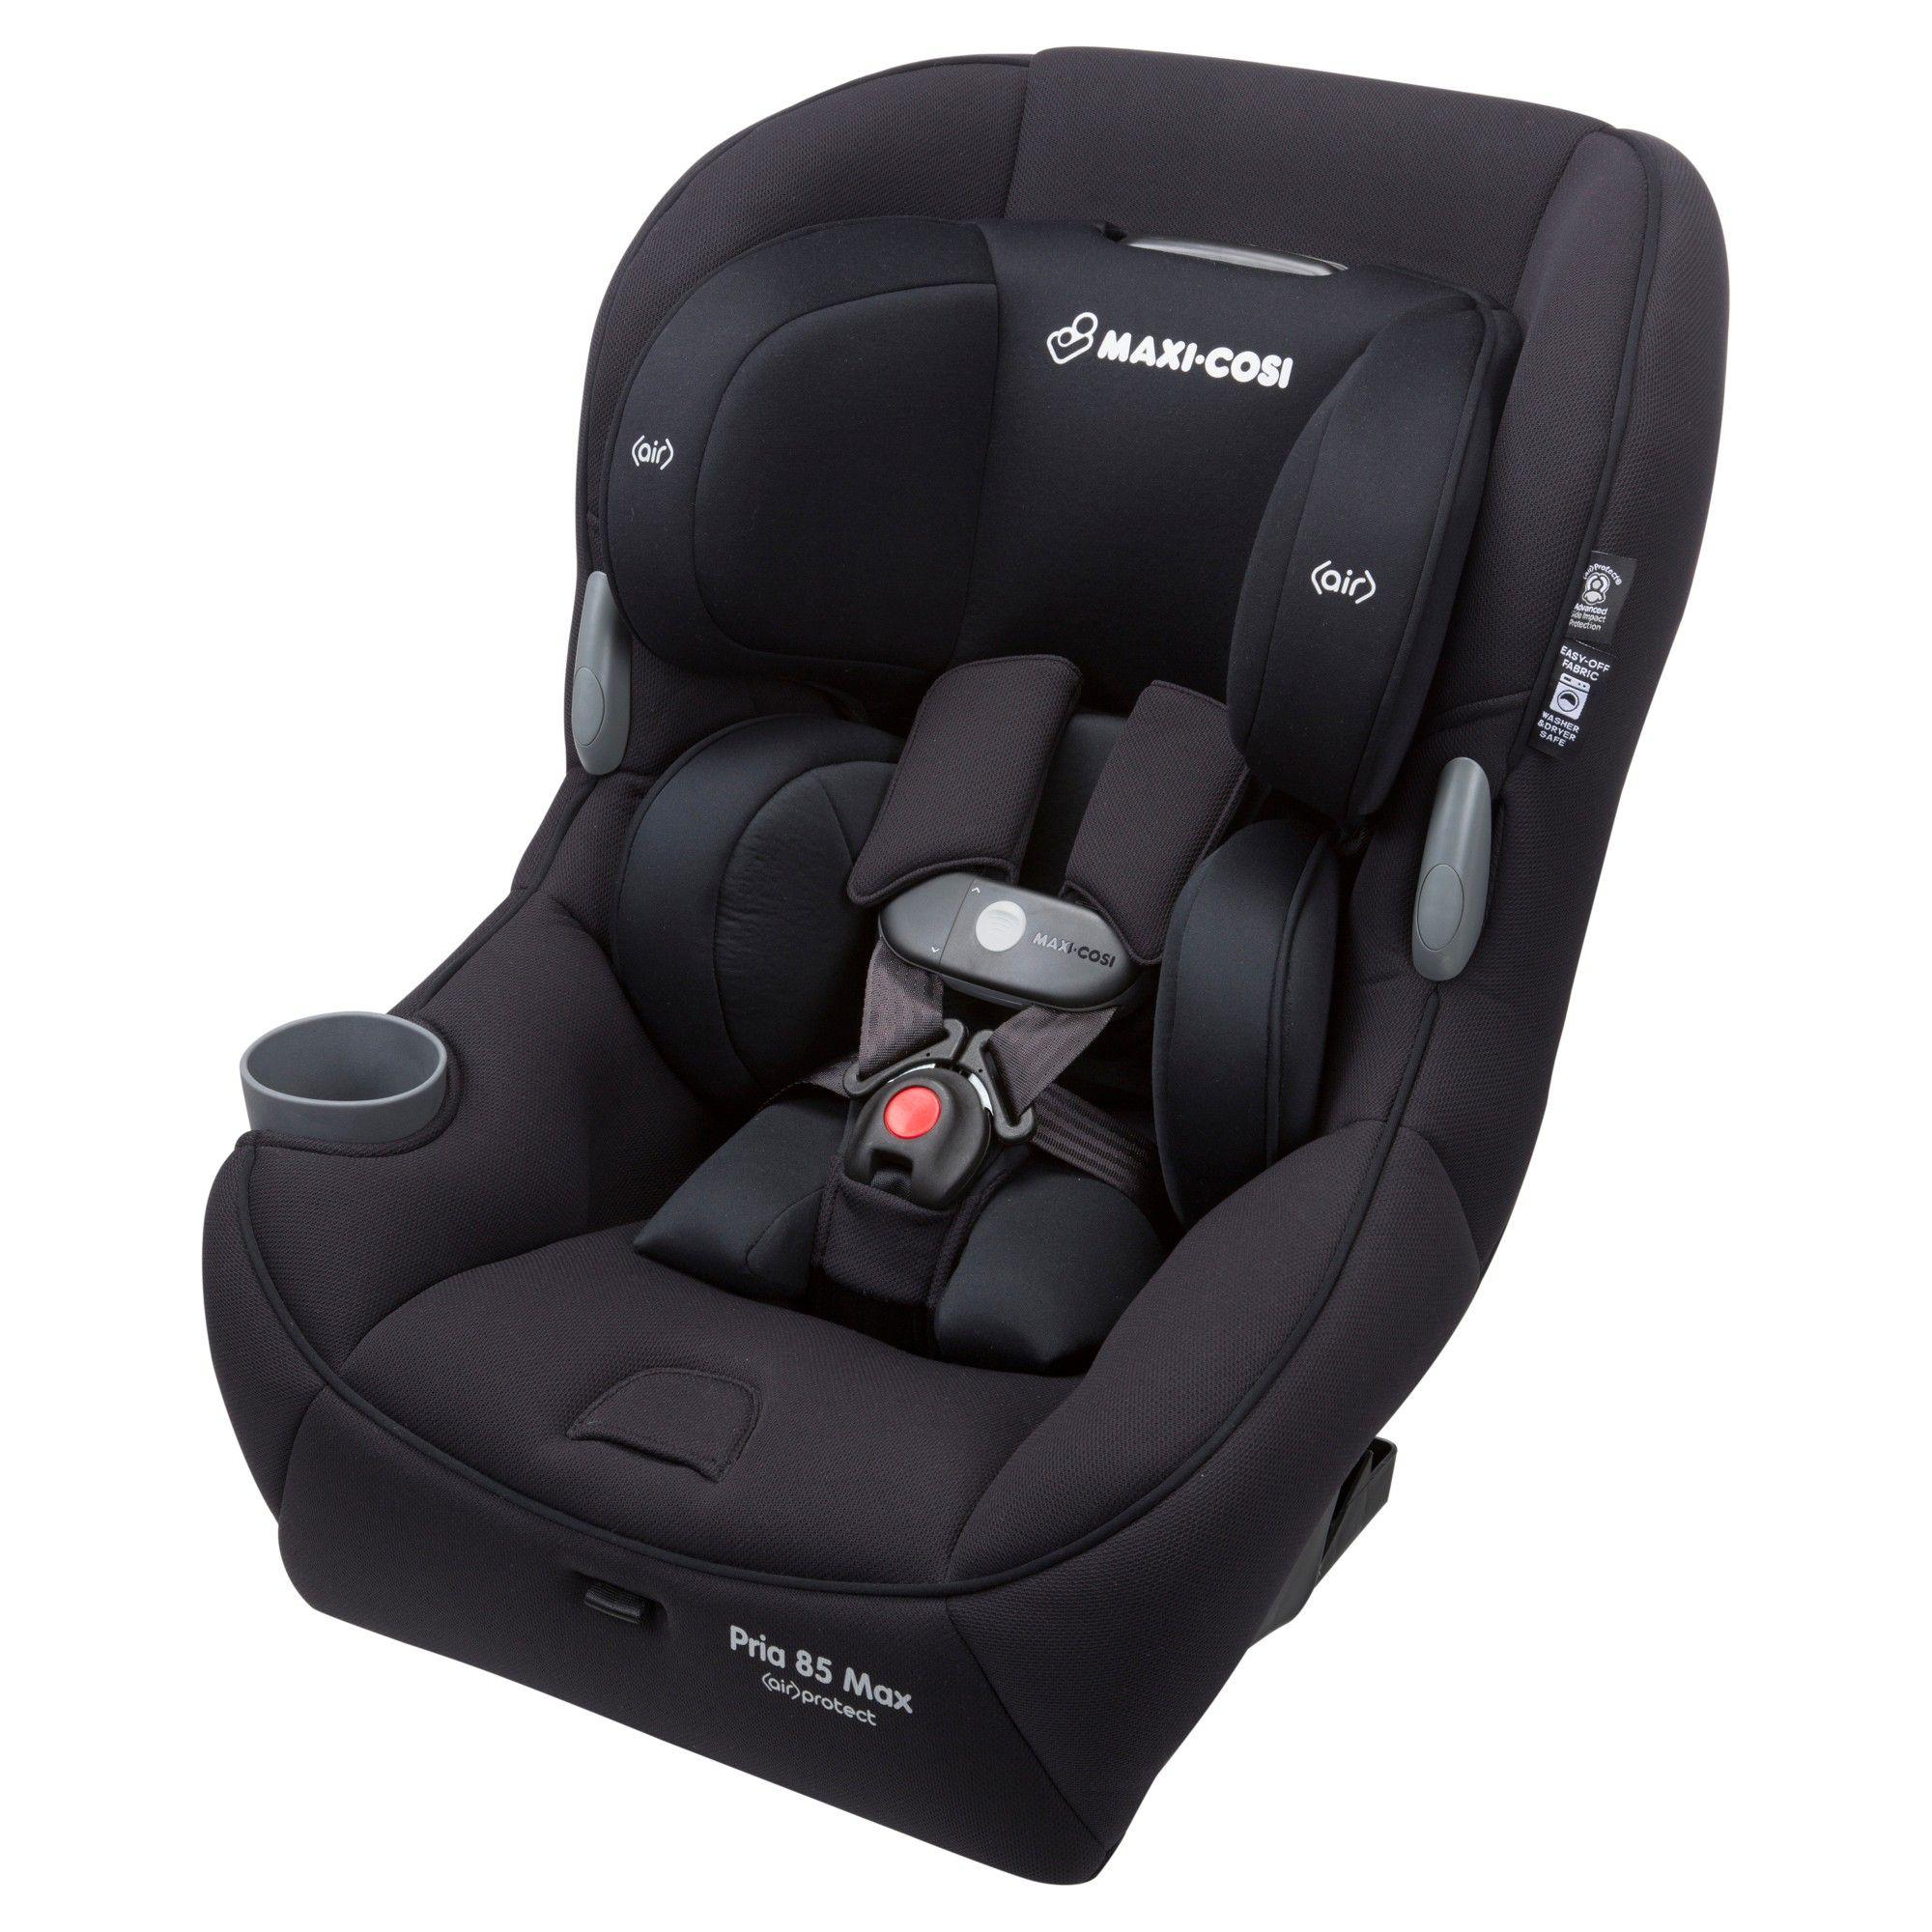 4355d009b806fe5dba4c7ec280ba411a - How To Get Cover Off Maxi Cosi Car Seat